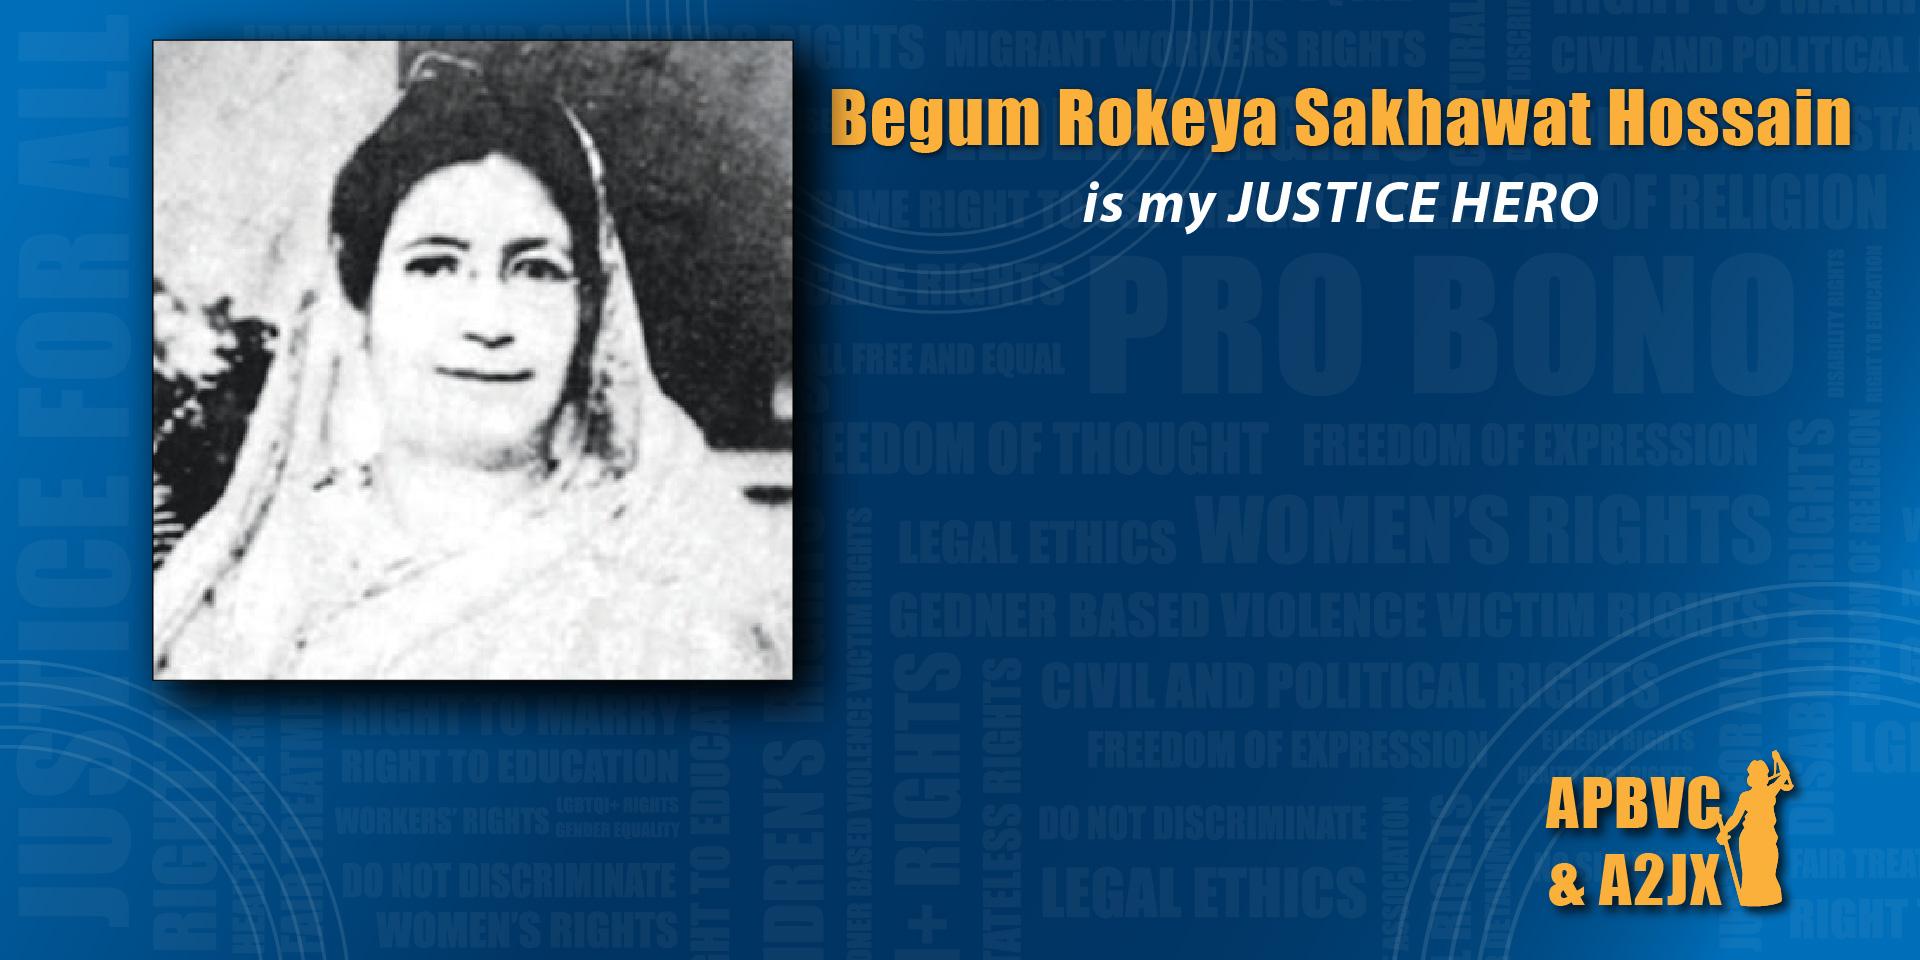 Begum Rokeya Sakhawat Hossain